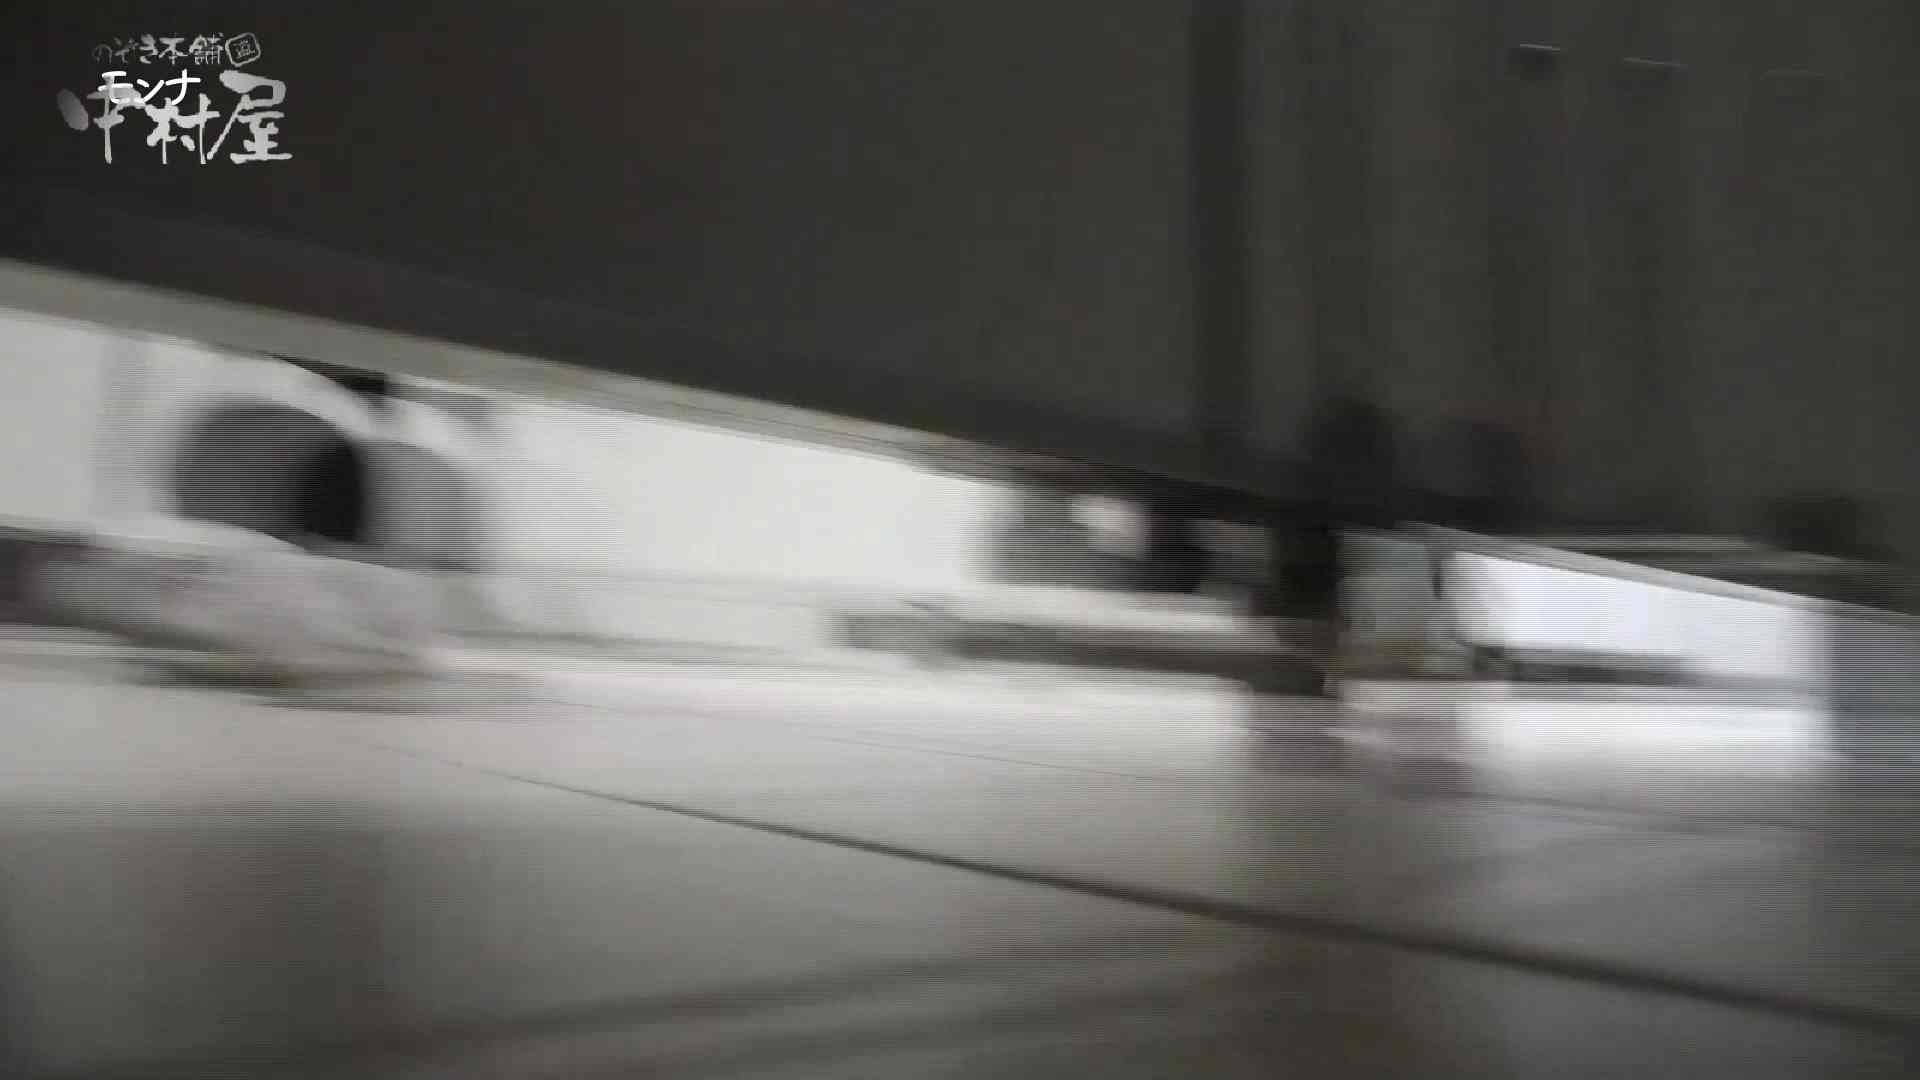 美しい日本の未来 No.44 感動作2前編 女性トイレ | エッチな盗撮  112pic 81